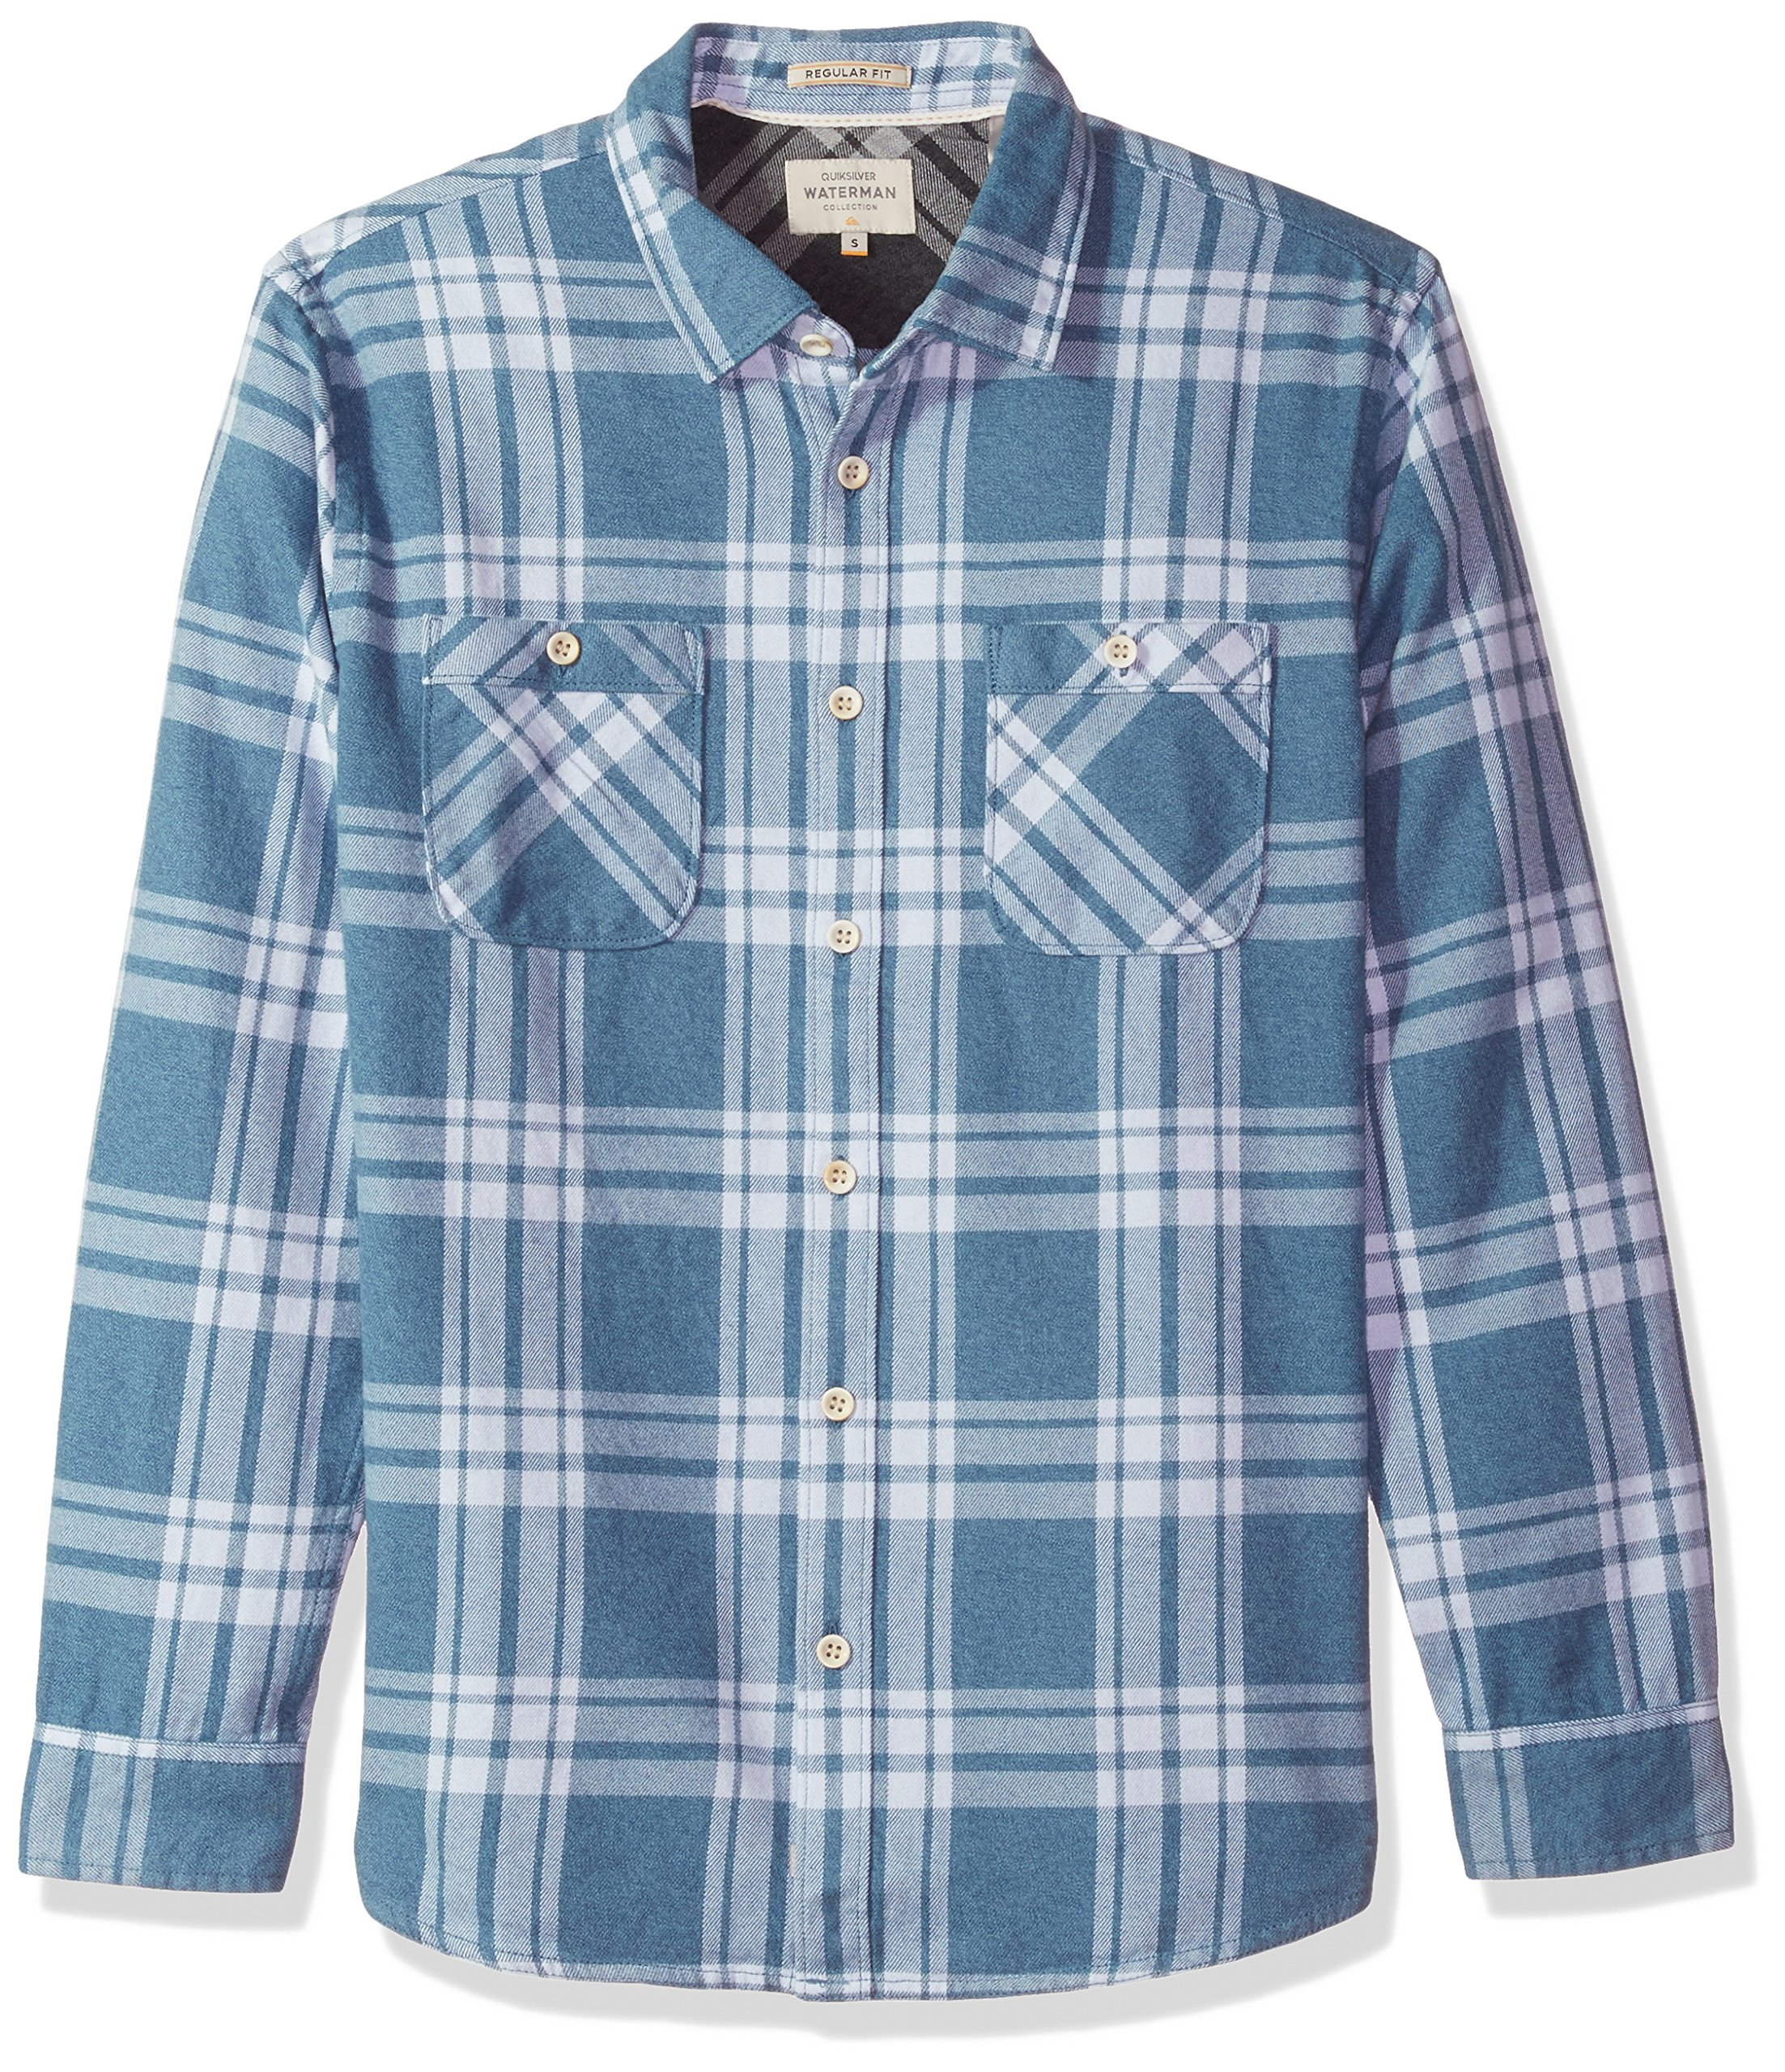 Quiksilver Waterman Men's Moon Tides Flannel Shirt, Ensign Blue Moon Tides, M